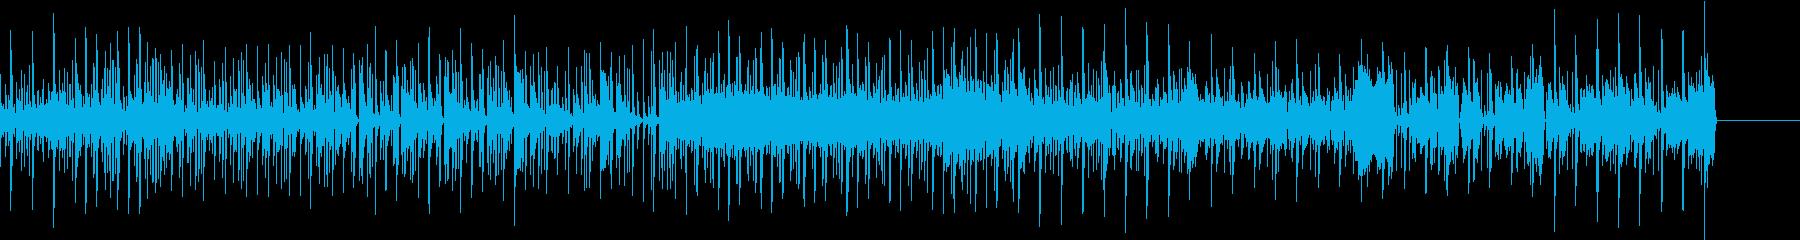 80年代エレクトロポップの再生済みの波形